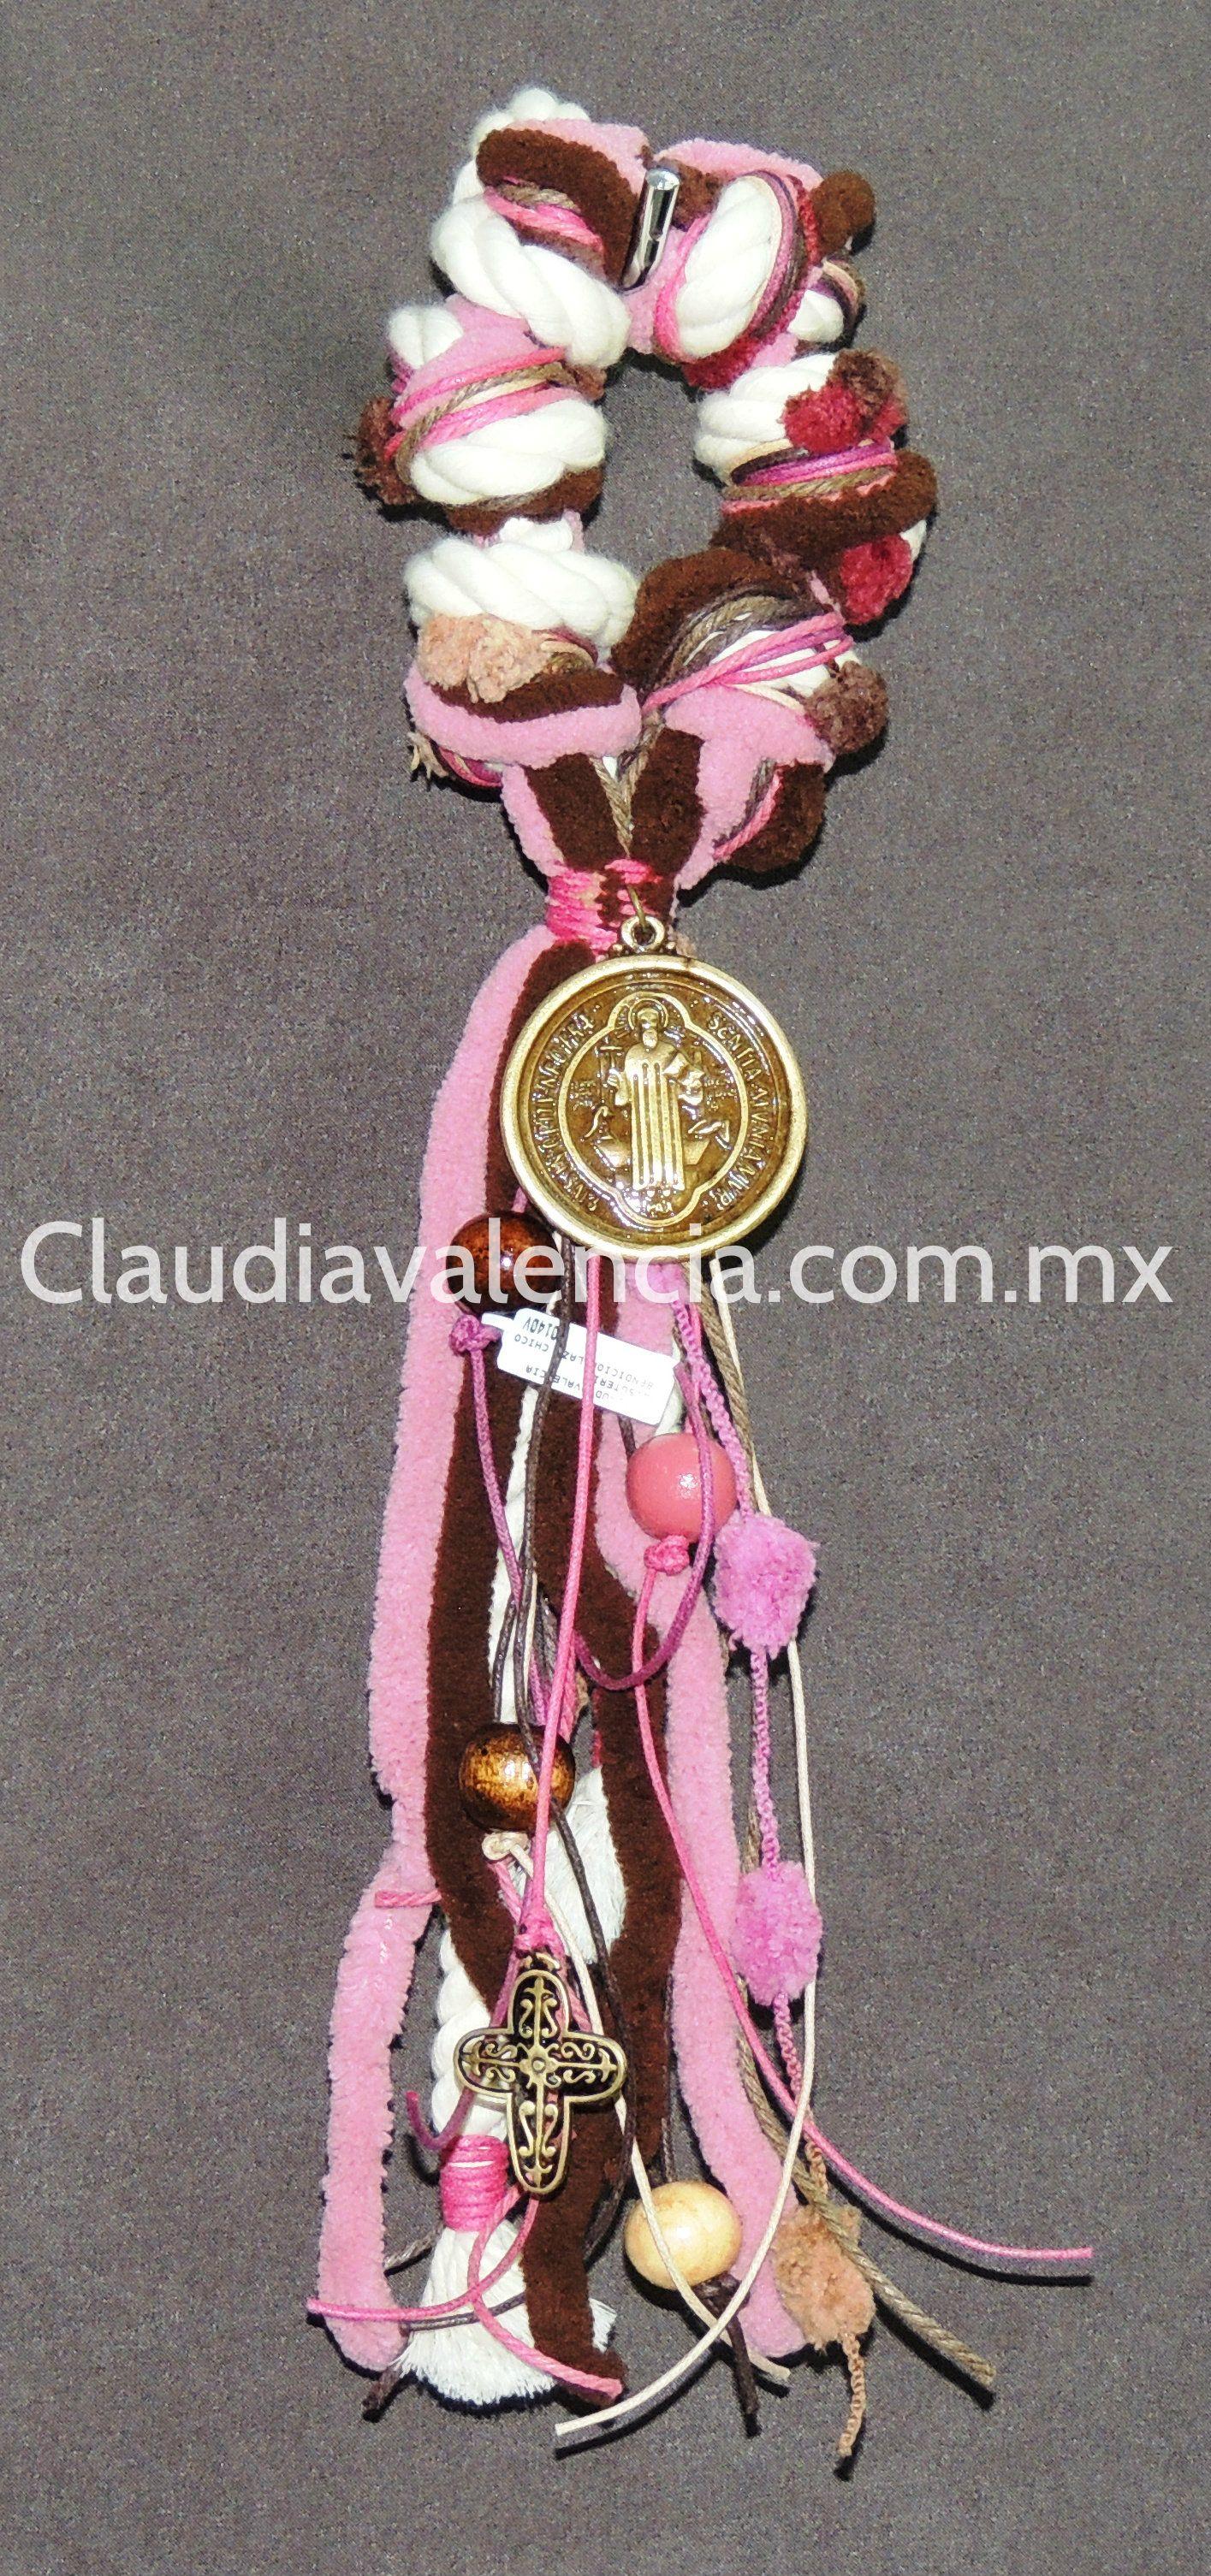 1d717469d3d3 Claudia Valencia » Bendiciones - Joyeria